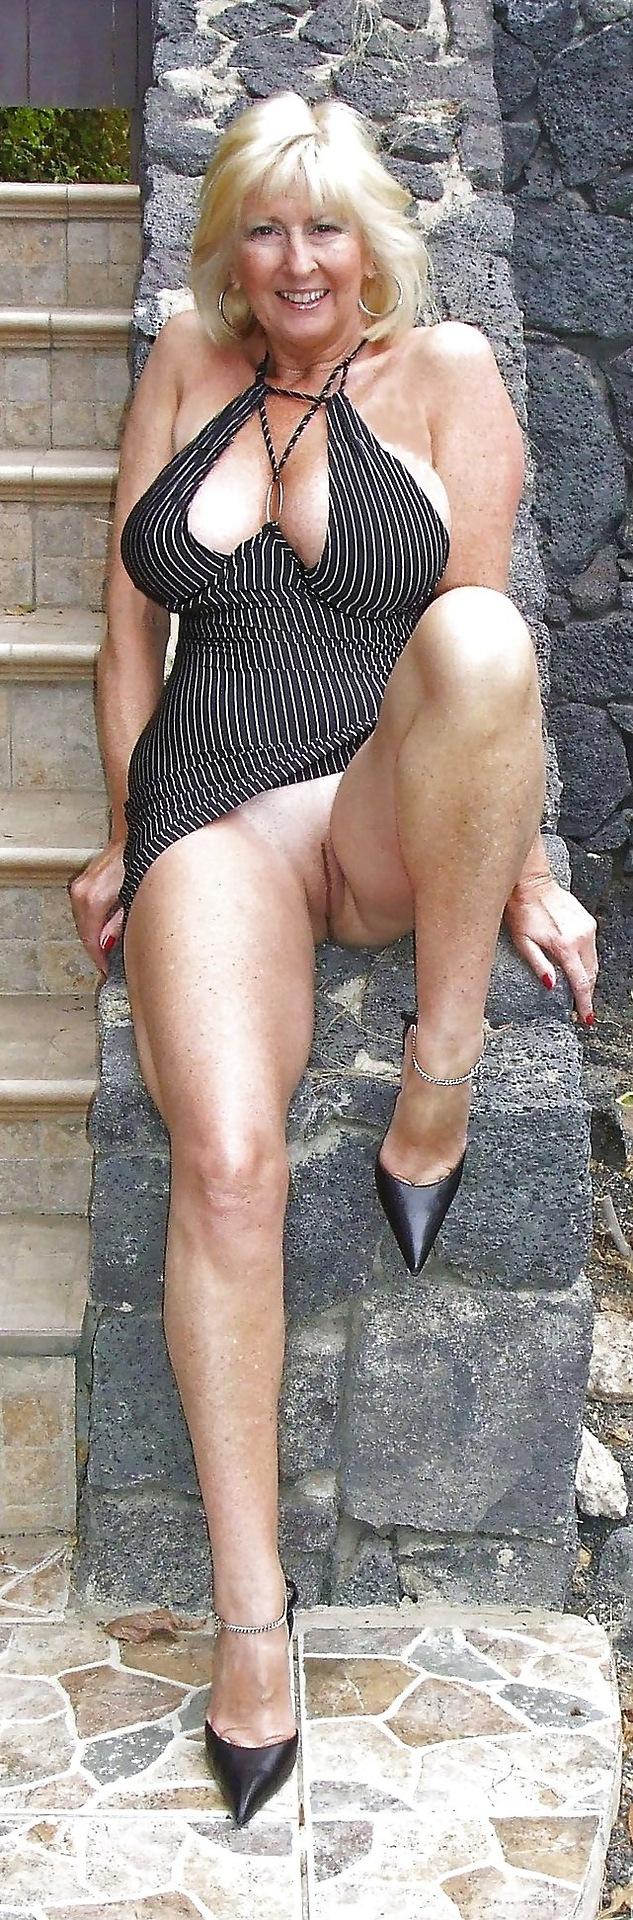 short haired babe in a hotel room streaming porn #blowjobqueen #british #cougar #janburton #magnafellatrix #milf #milfblondeblowjob